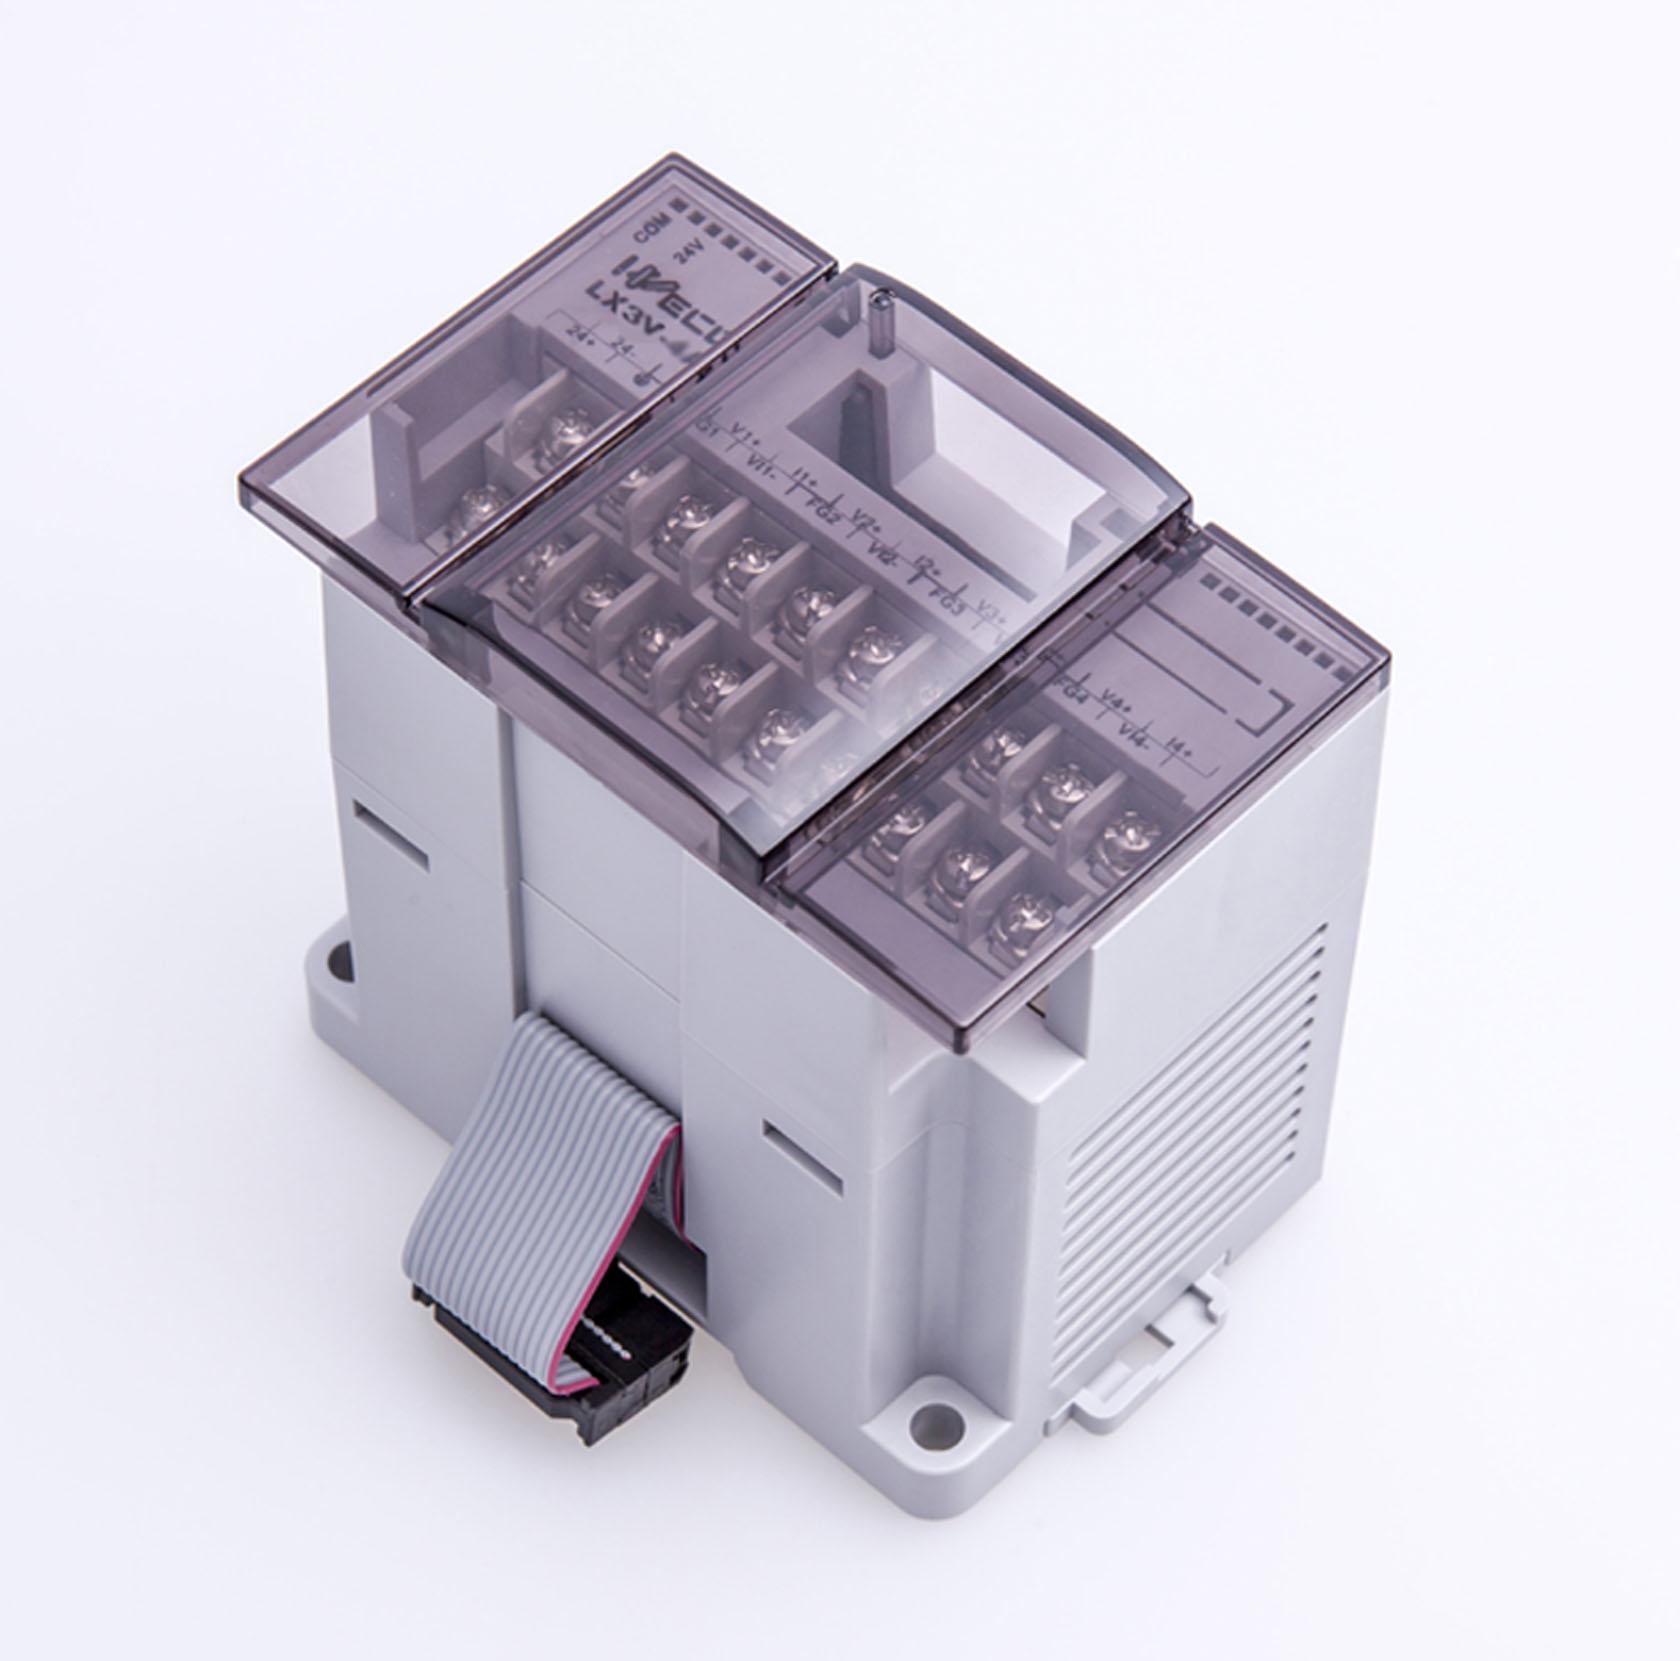 维控PLC 4点模拟量热电偶输入扩展模块